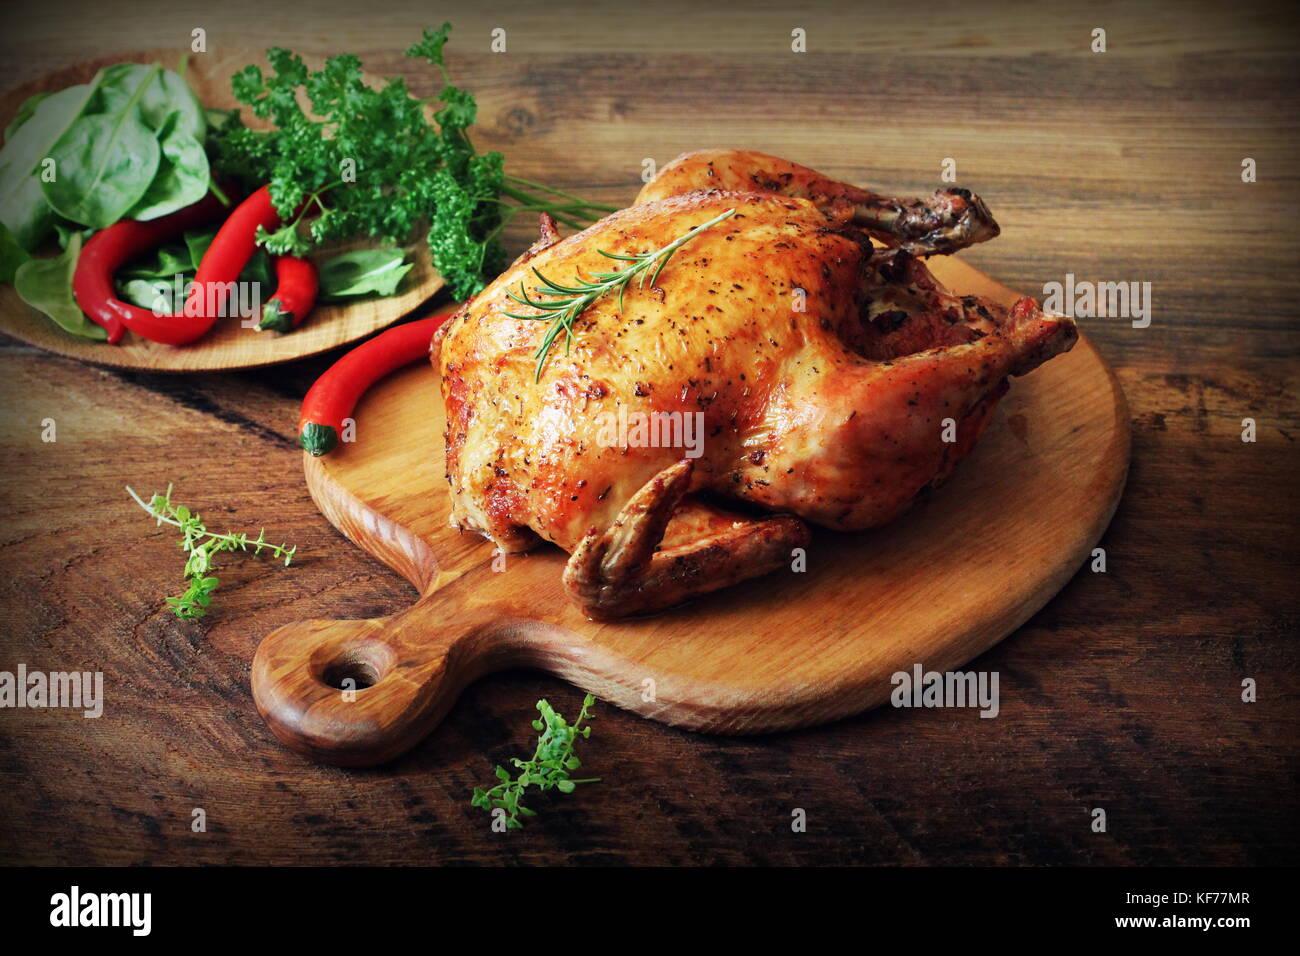 Poulet rôti entier sur une planche à découper en bois fond rustique. Photo Stock